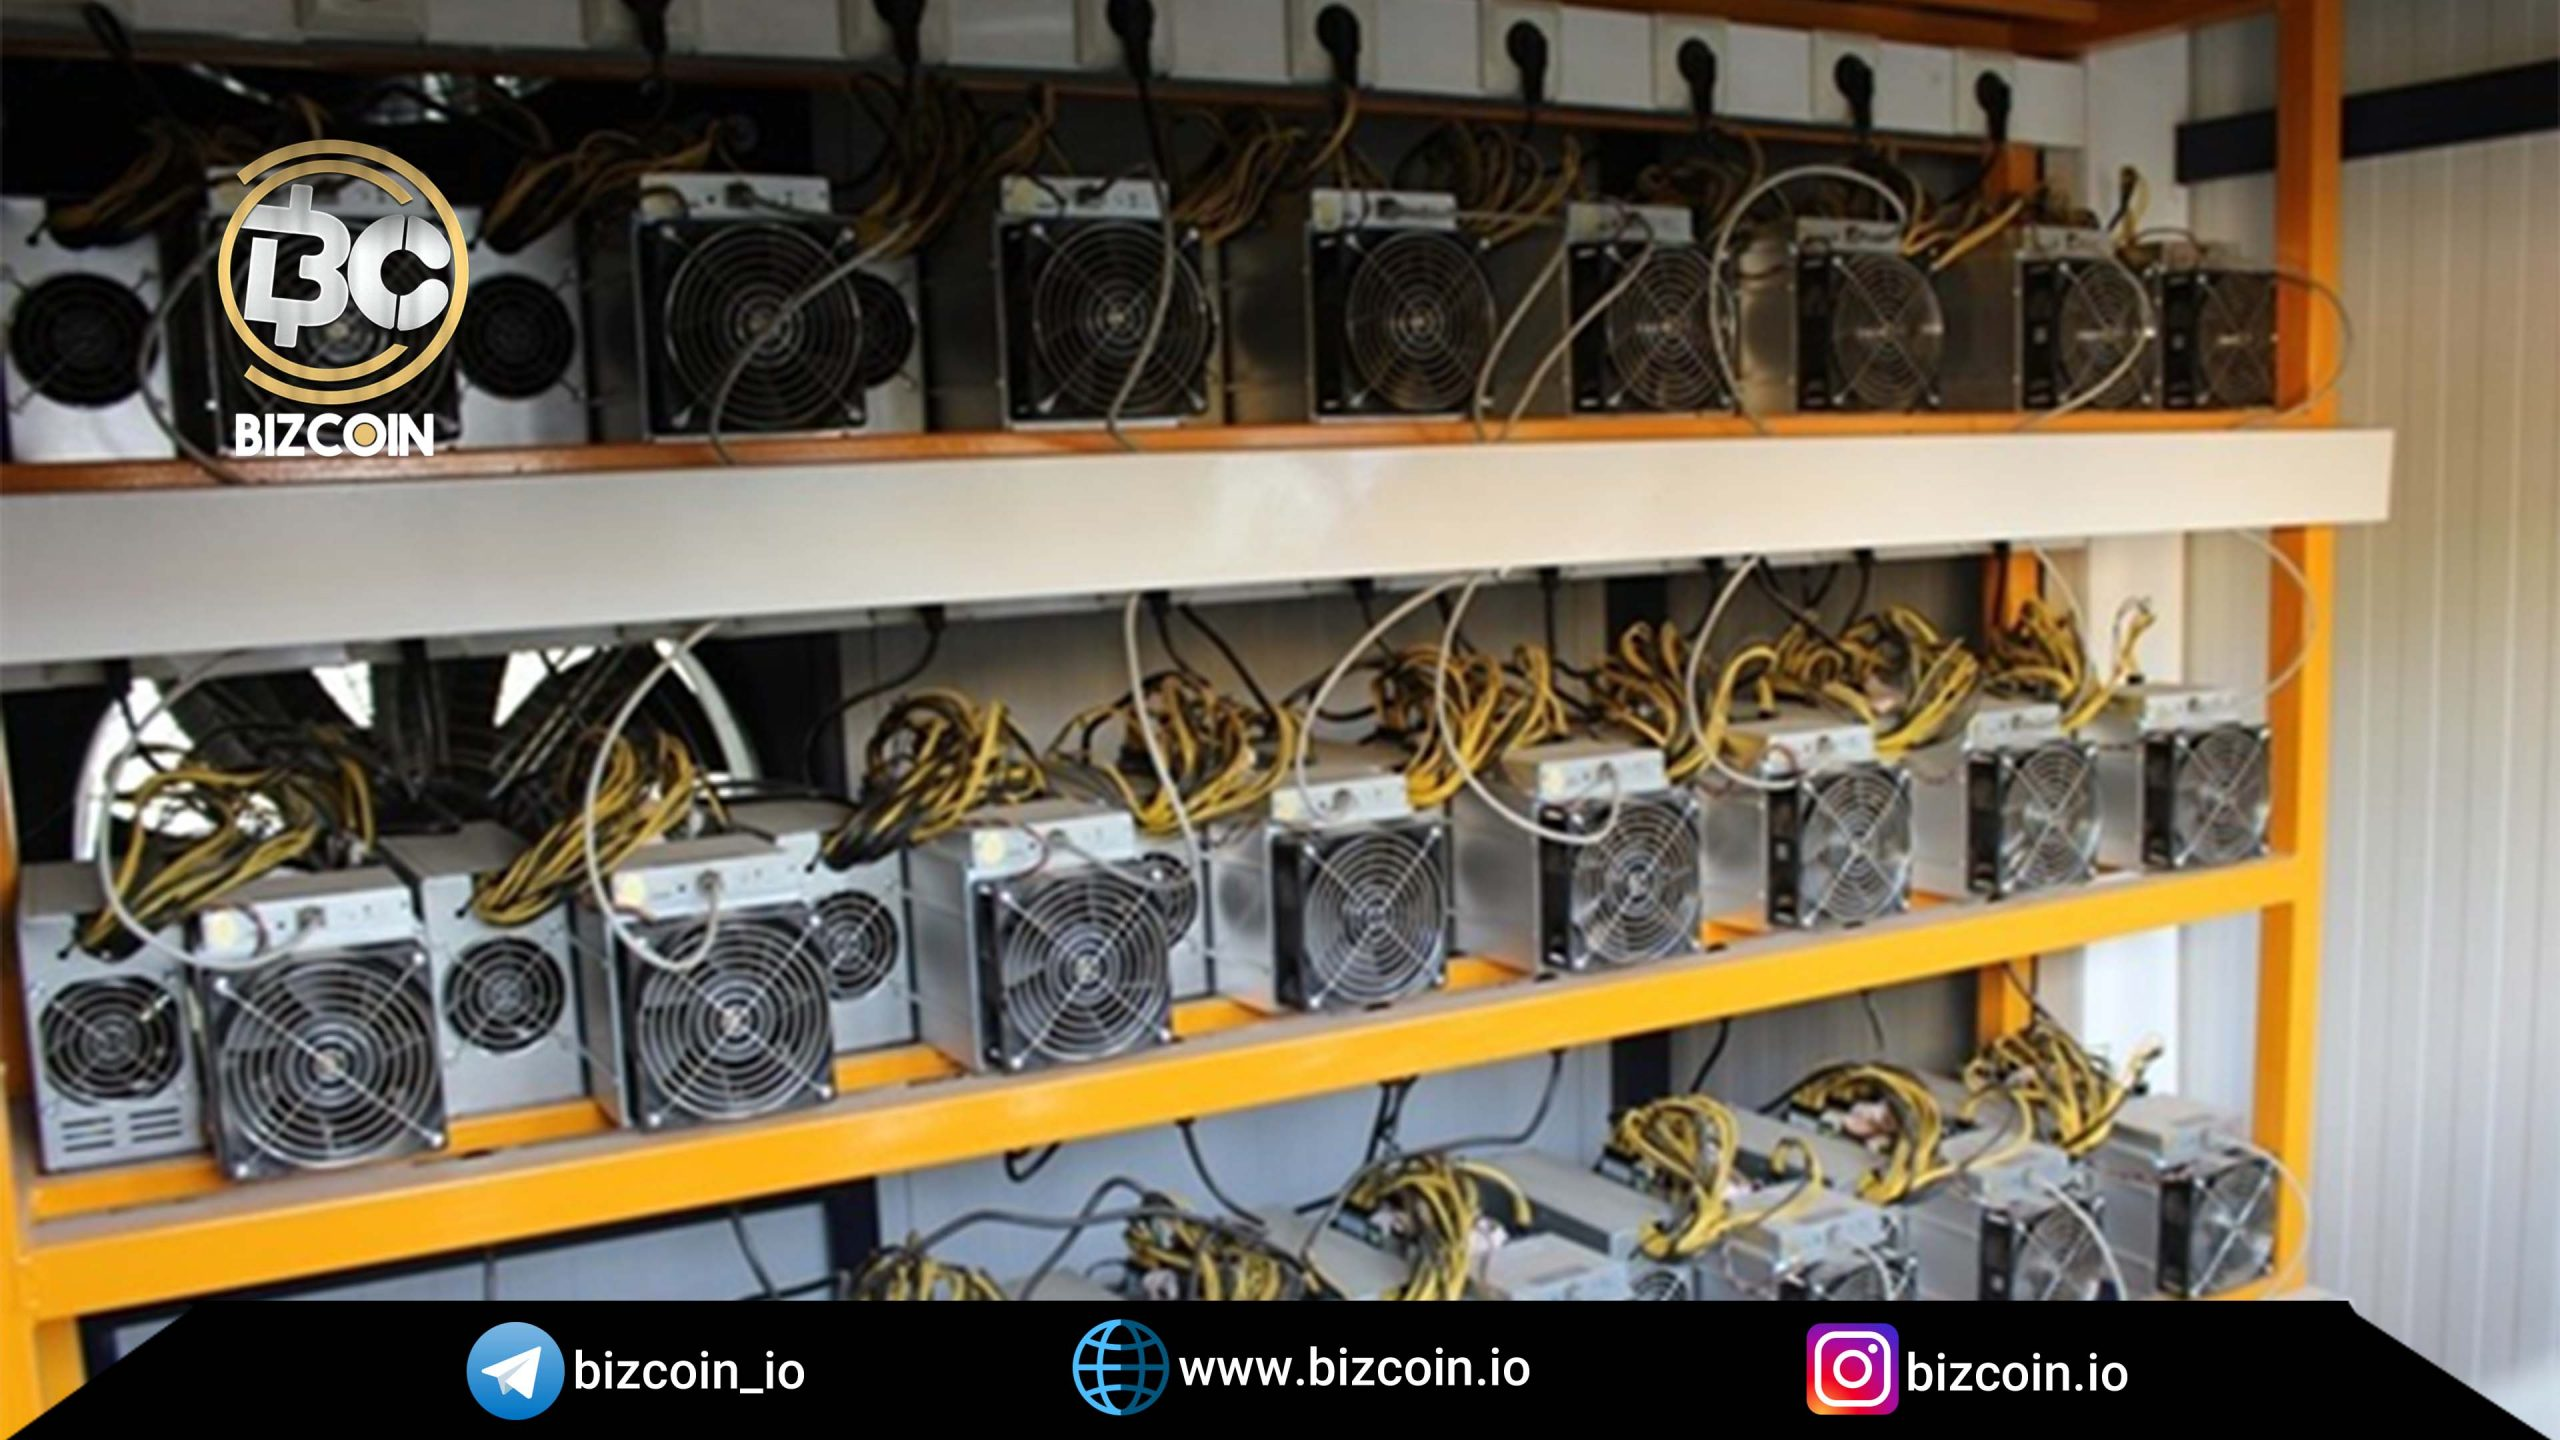 دستگاه استخراج ارز scaled همه چیز درباره استخراج ارز رمزنگاری شده در ایران